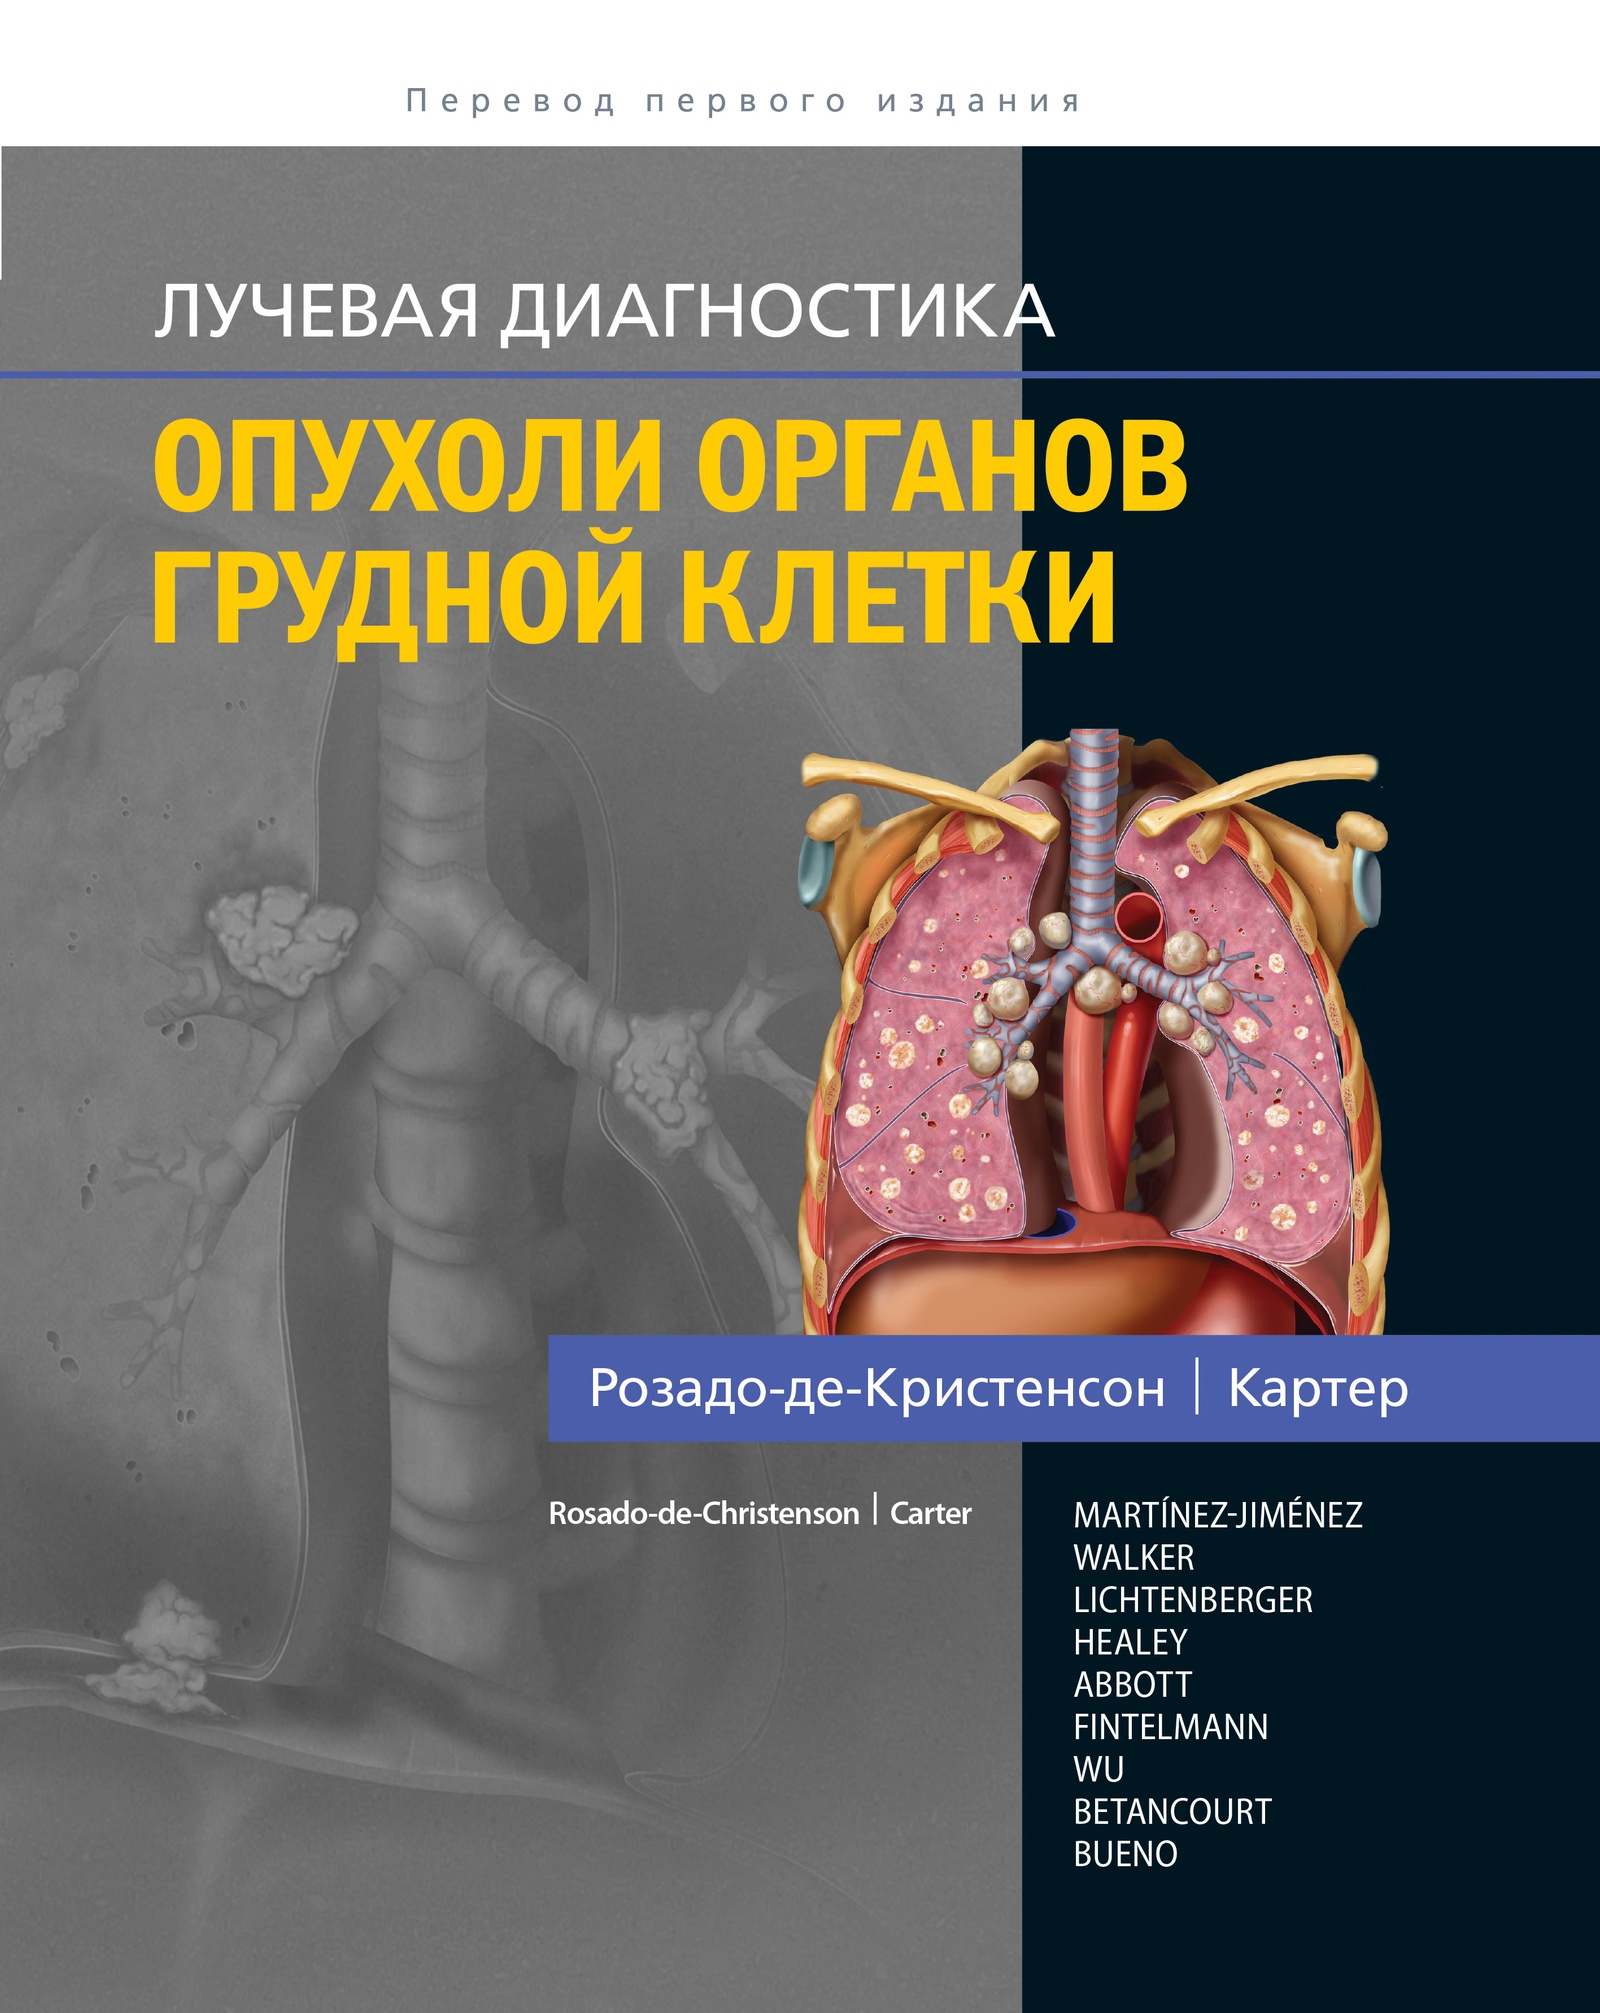 М. Л. Розадо-де-Кристенсон, Б. В. Картер Лучевая диагностика. Опухоли органов грудной клетки